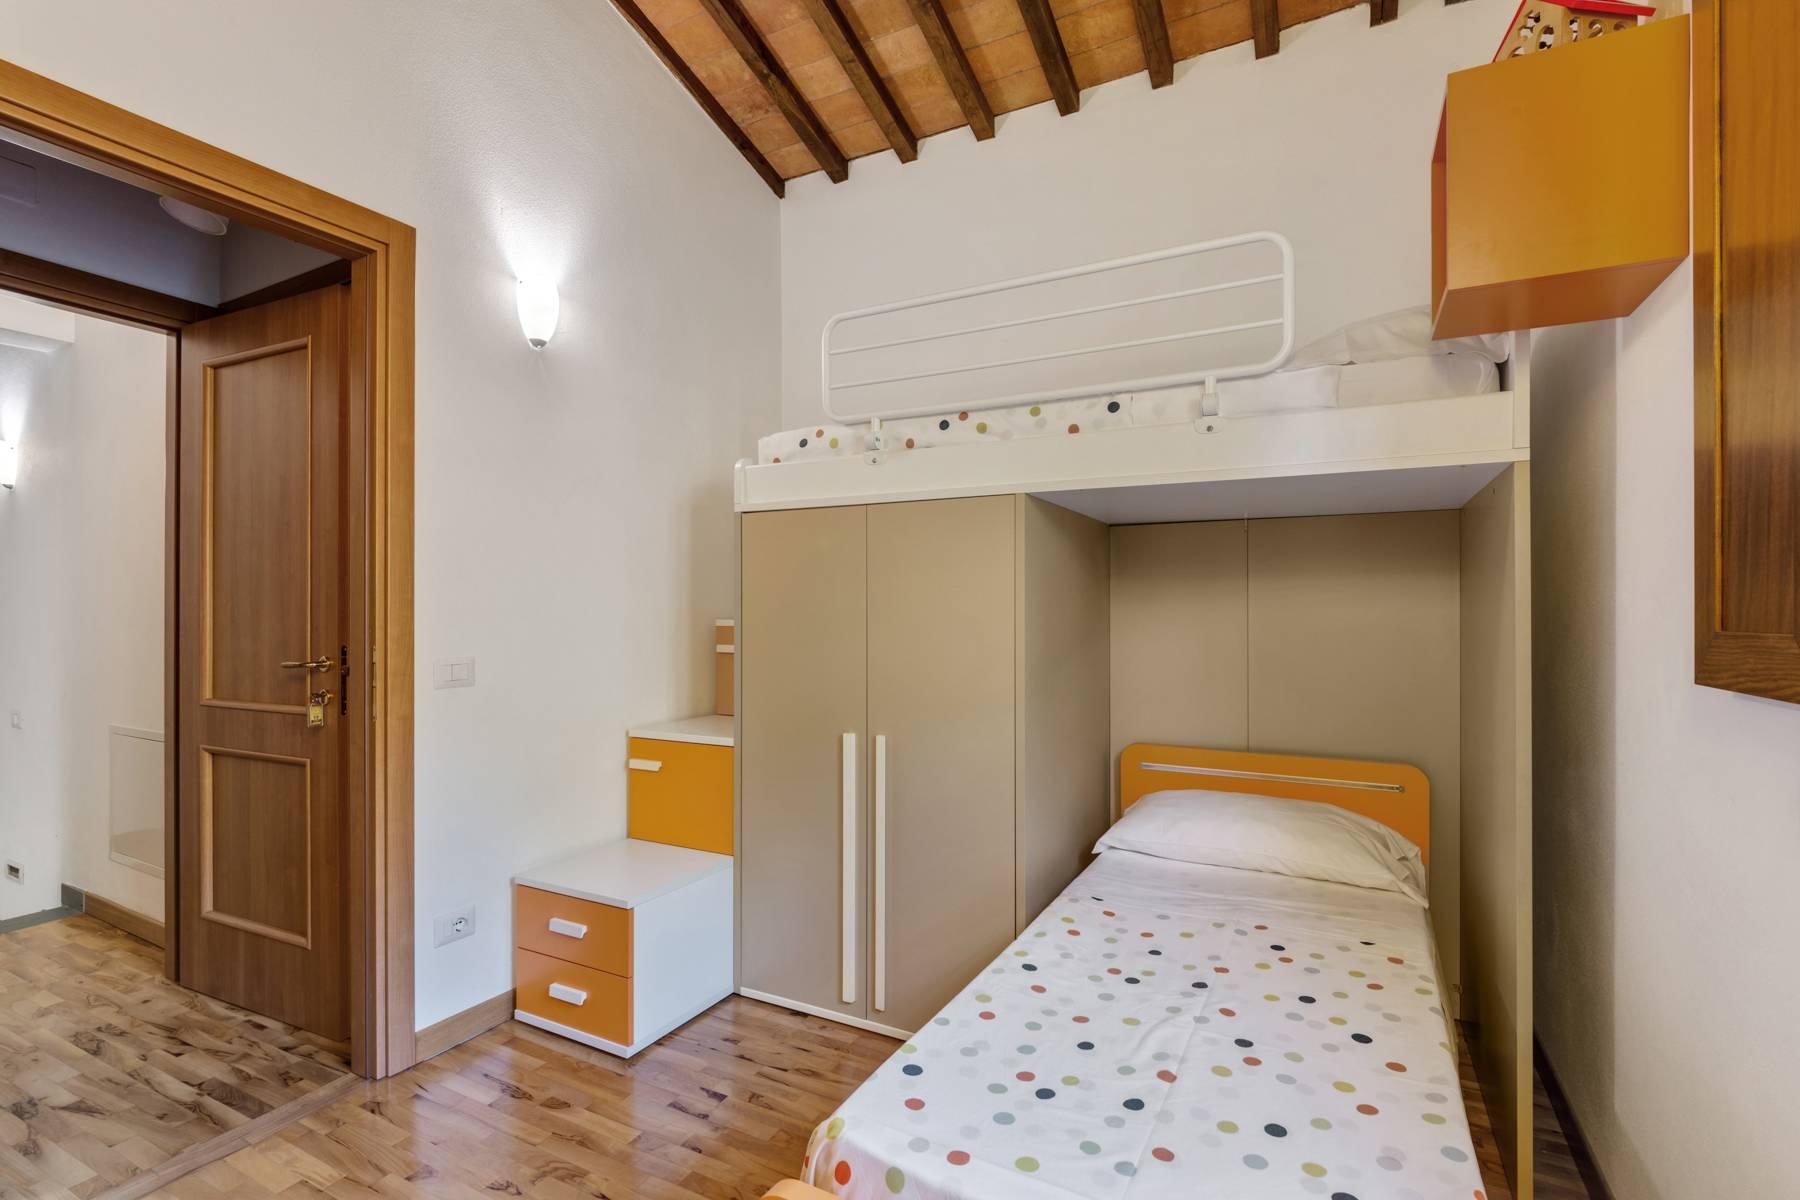 Rustico in Vendita a Monsummano Terme: 5 locali, 380 mq - Foto 23